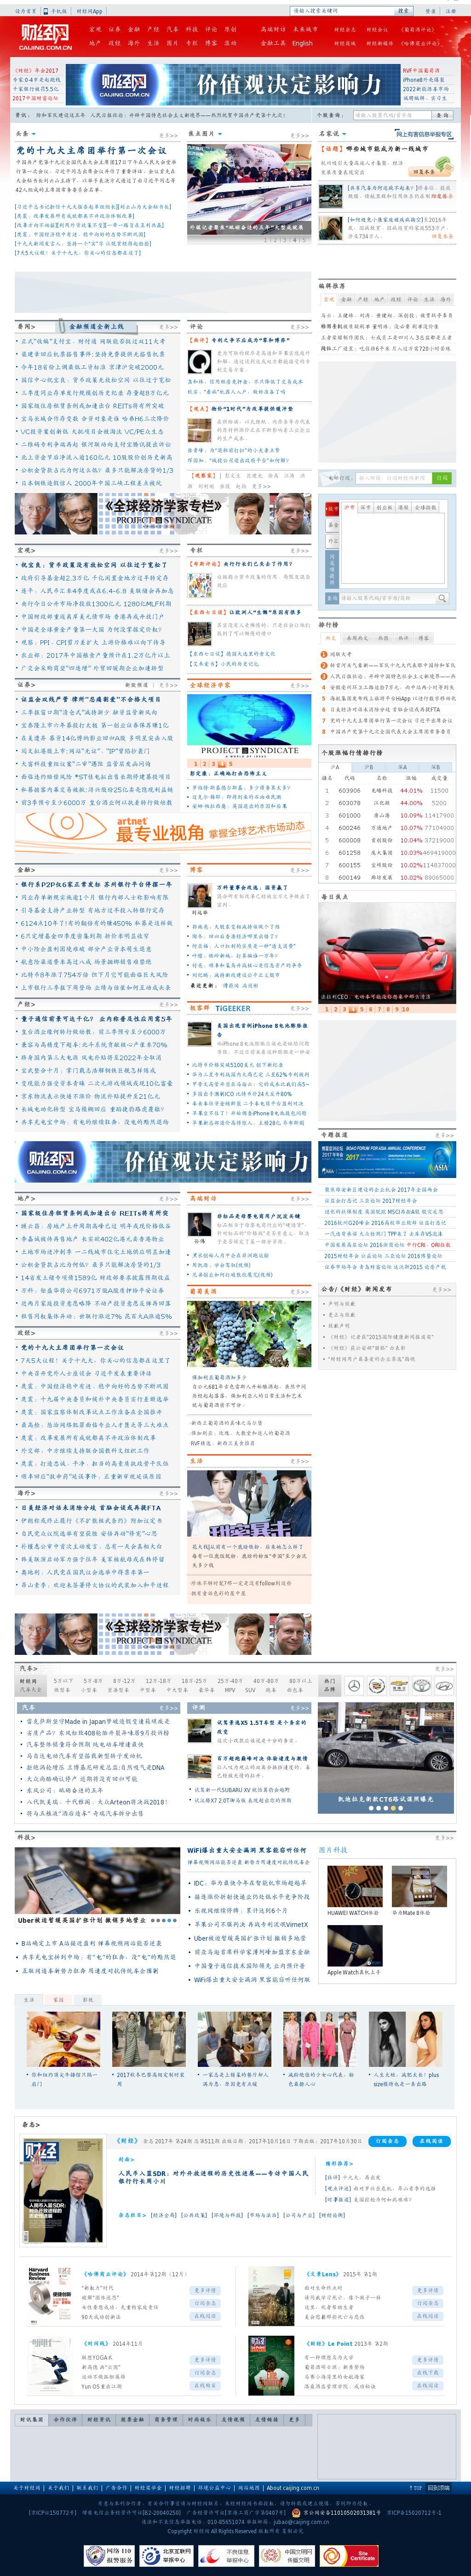 Caijing at Tuesday Oct. 17, 2017, 9:01 p.m. UTC